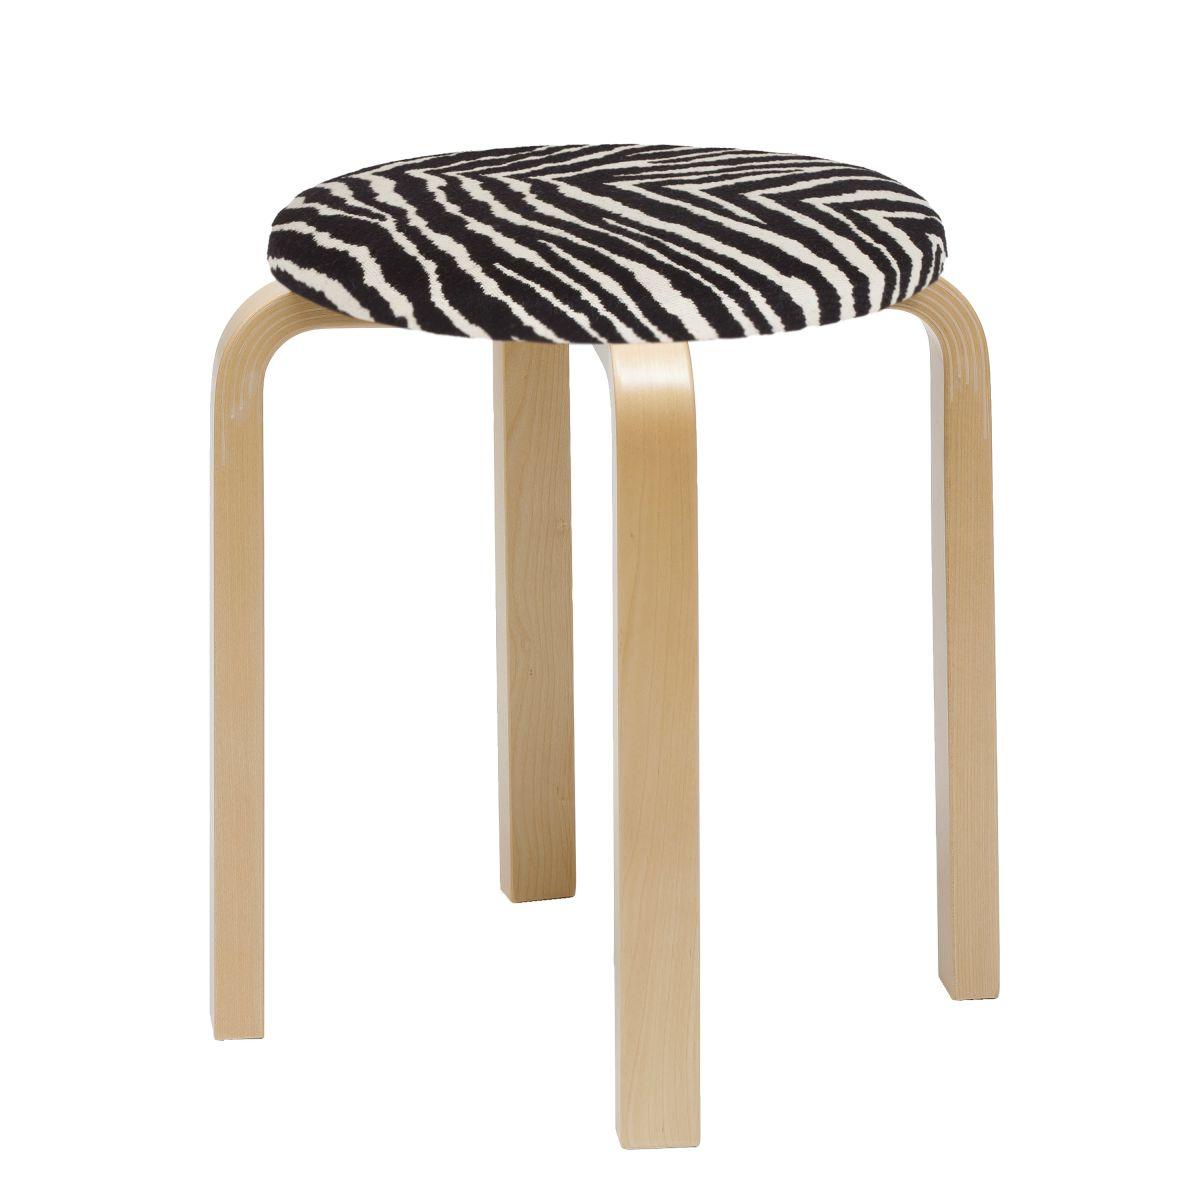 Stool E60 birch, Zebra upholstered seat